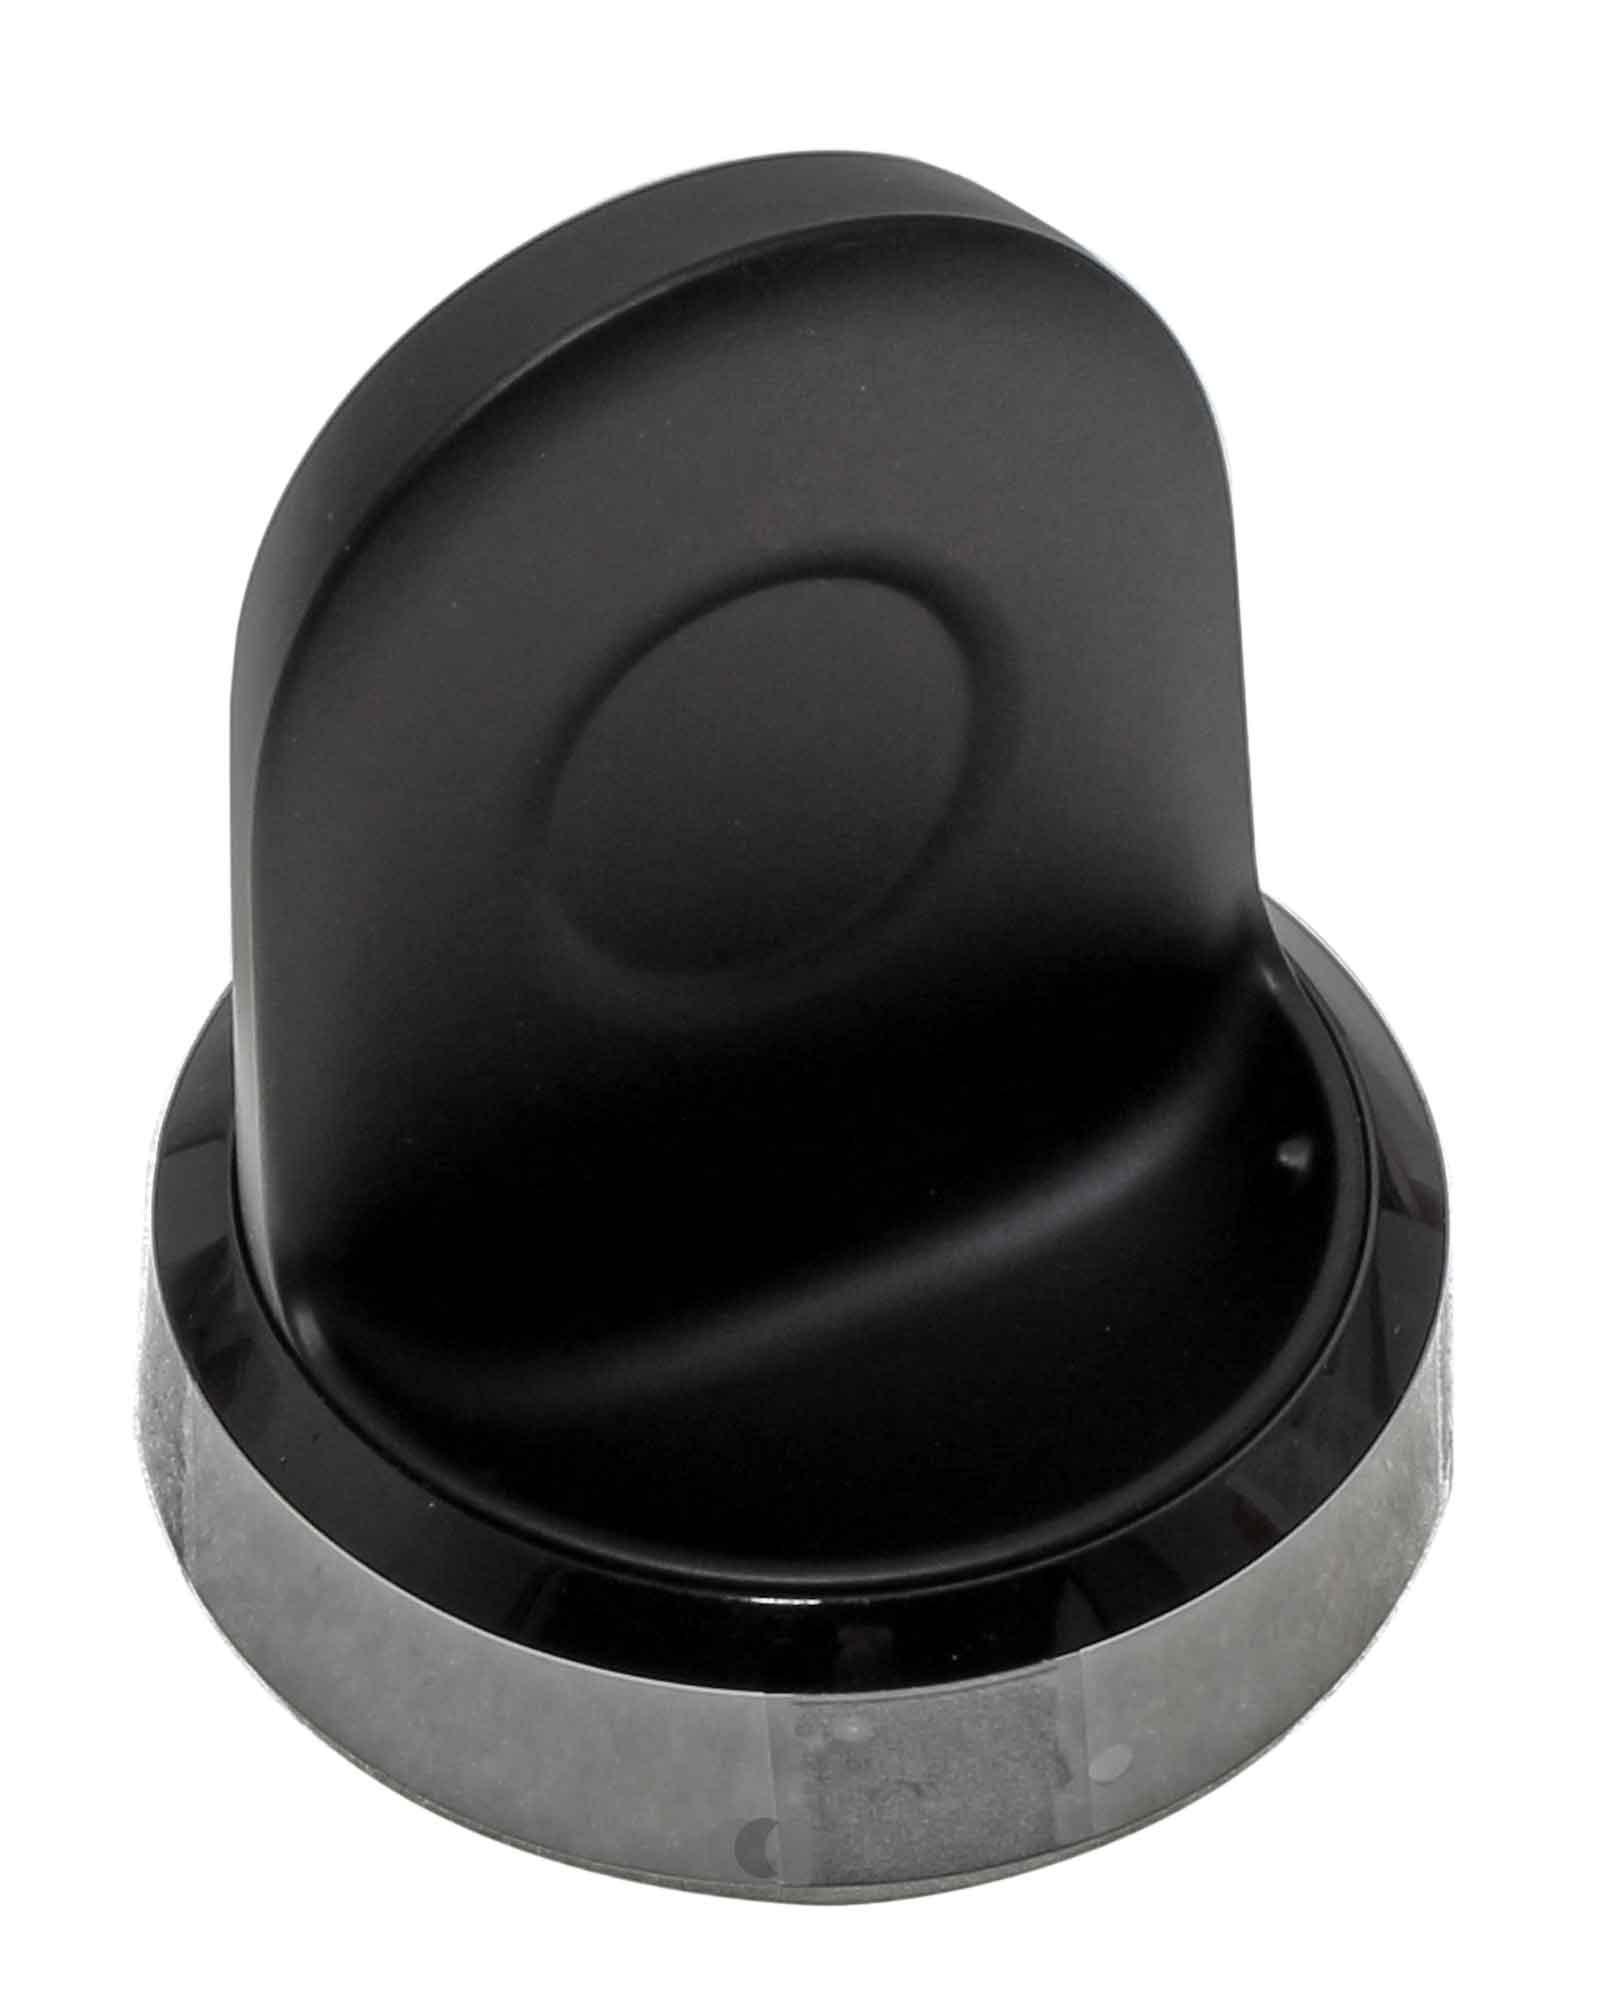 Original Samsung Gear Sport Induktive Ladestation Ladeschale EP-YO600, GH98-42511A